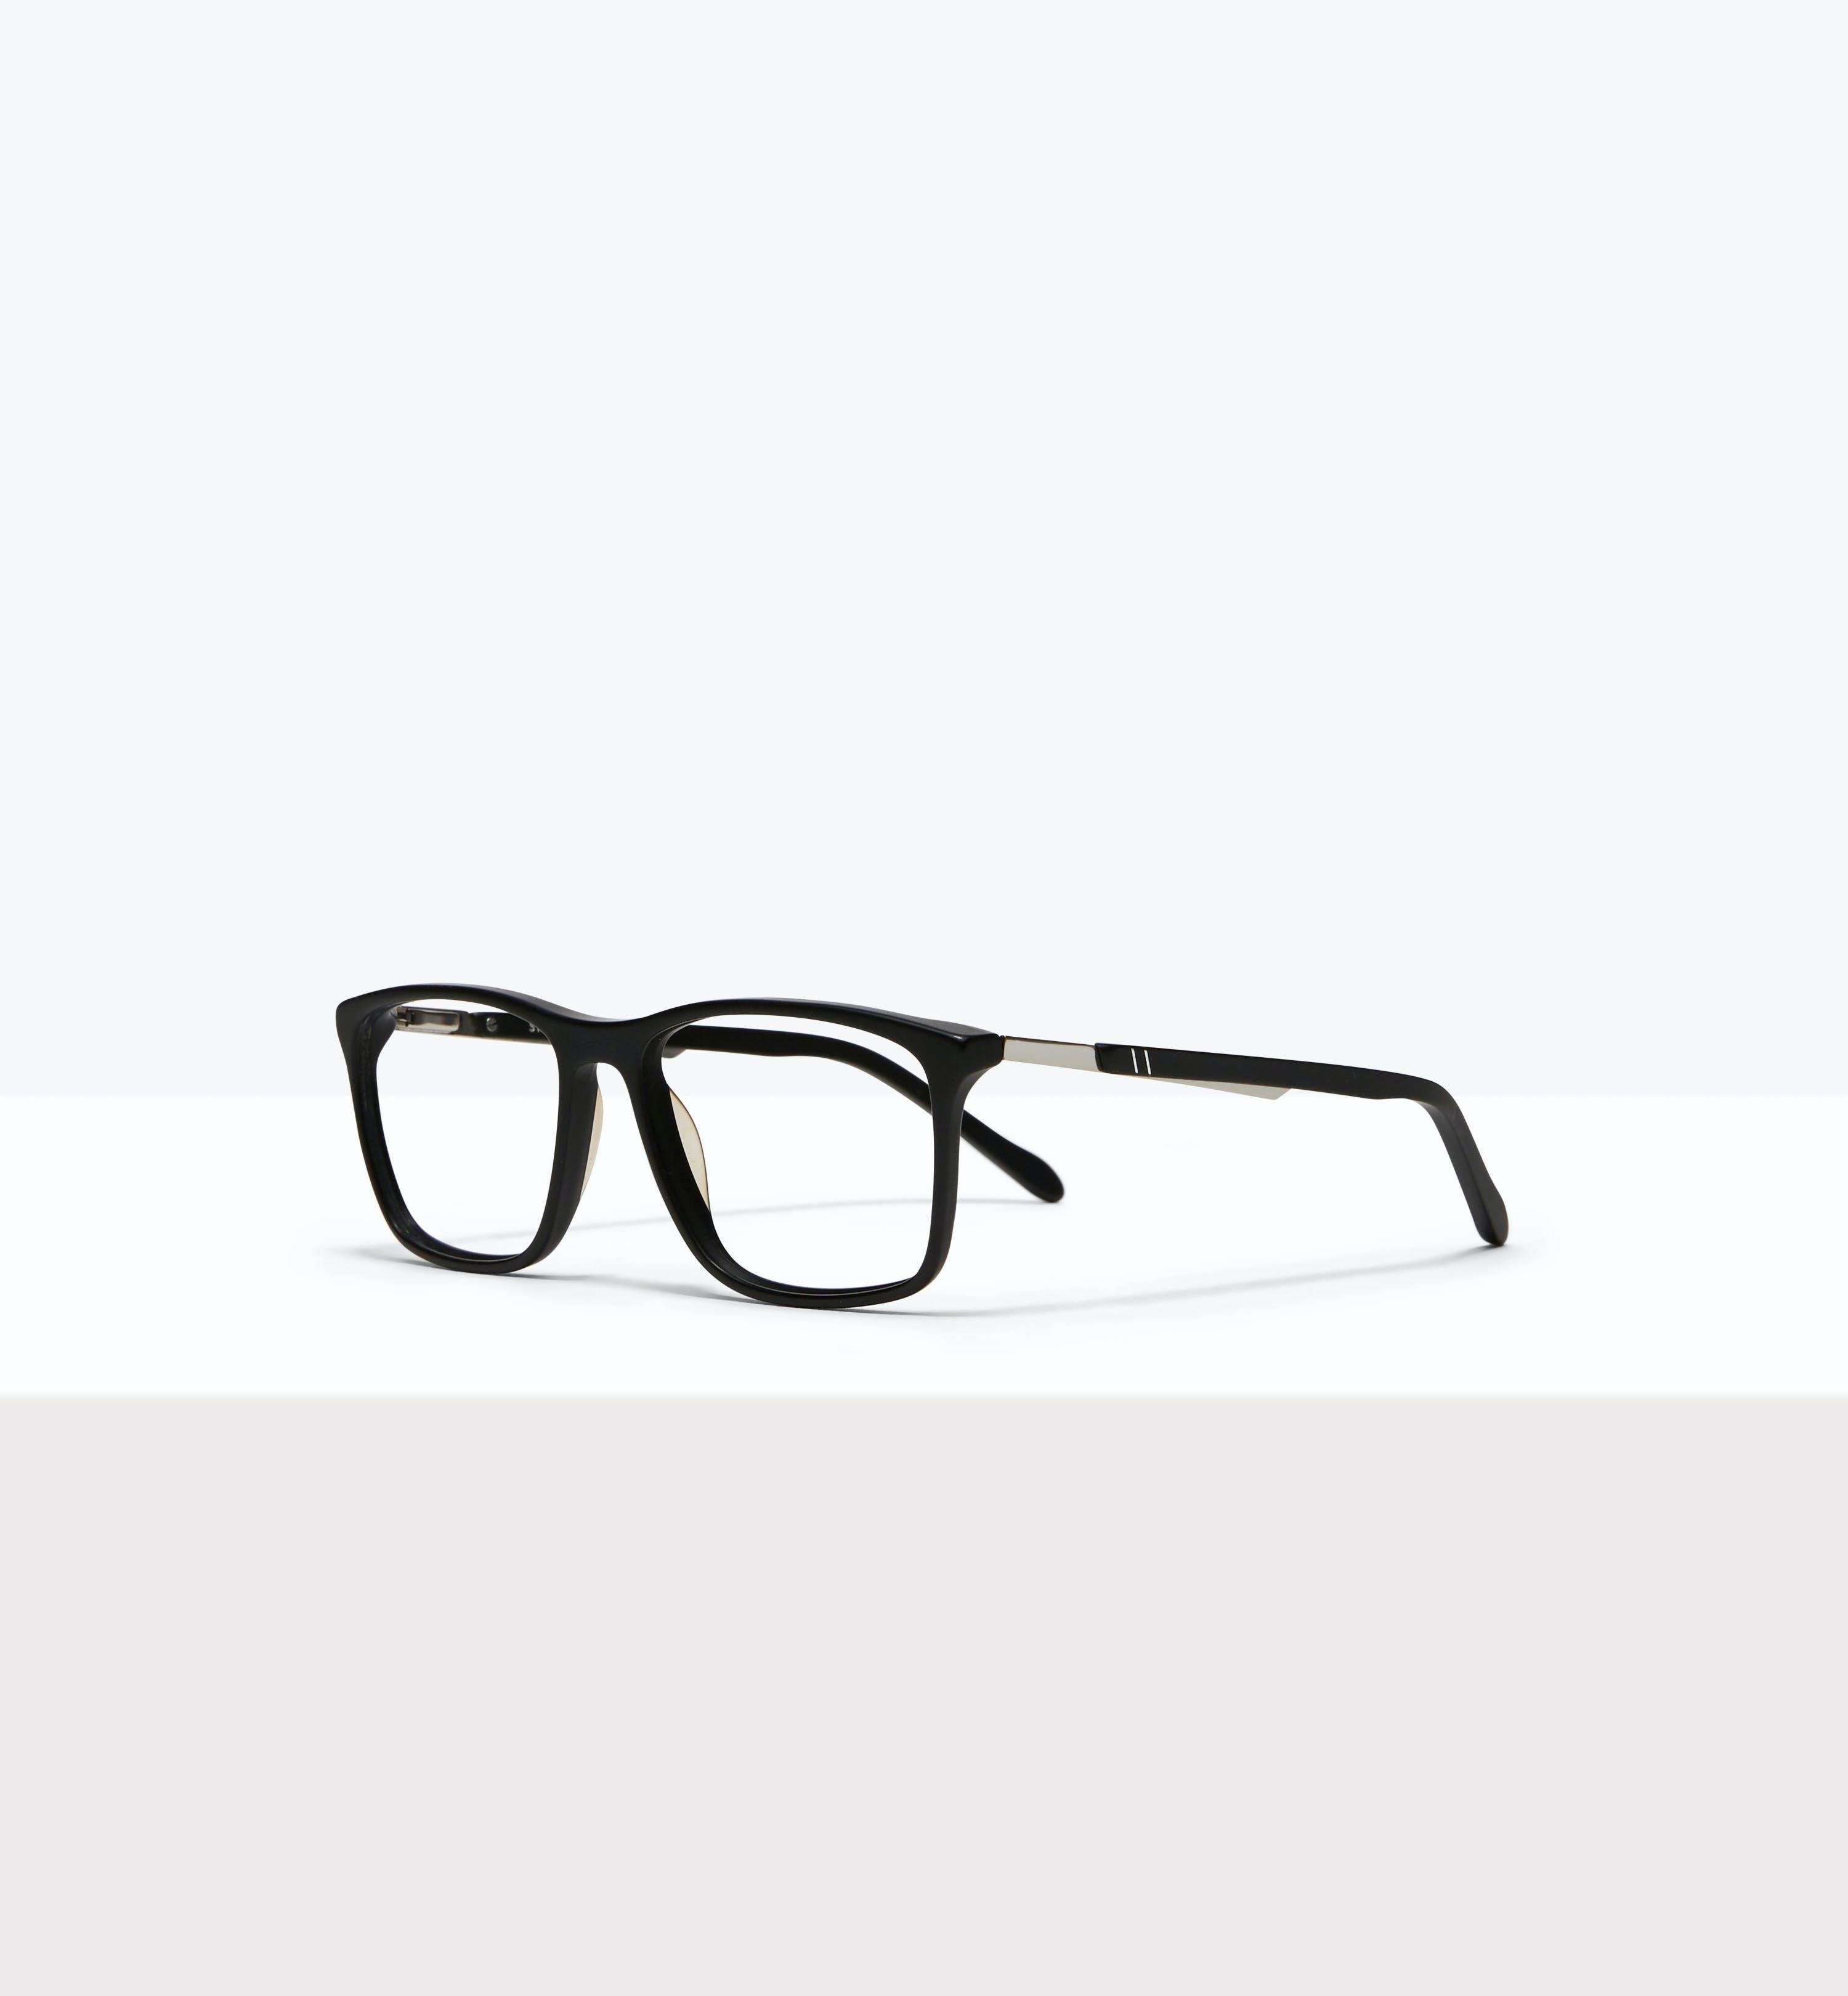 Affordable Fashion Glasses Rectangle Eyeglasses Men Skill Matt Black Tilt